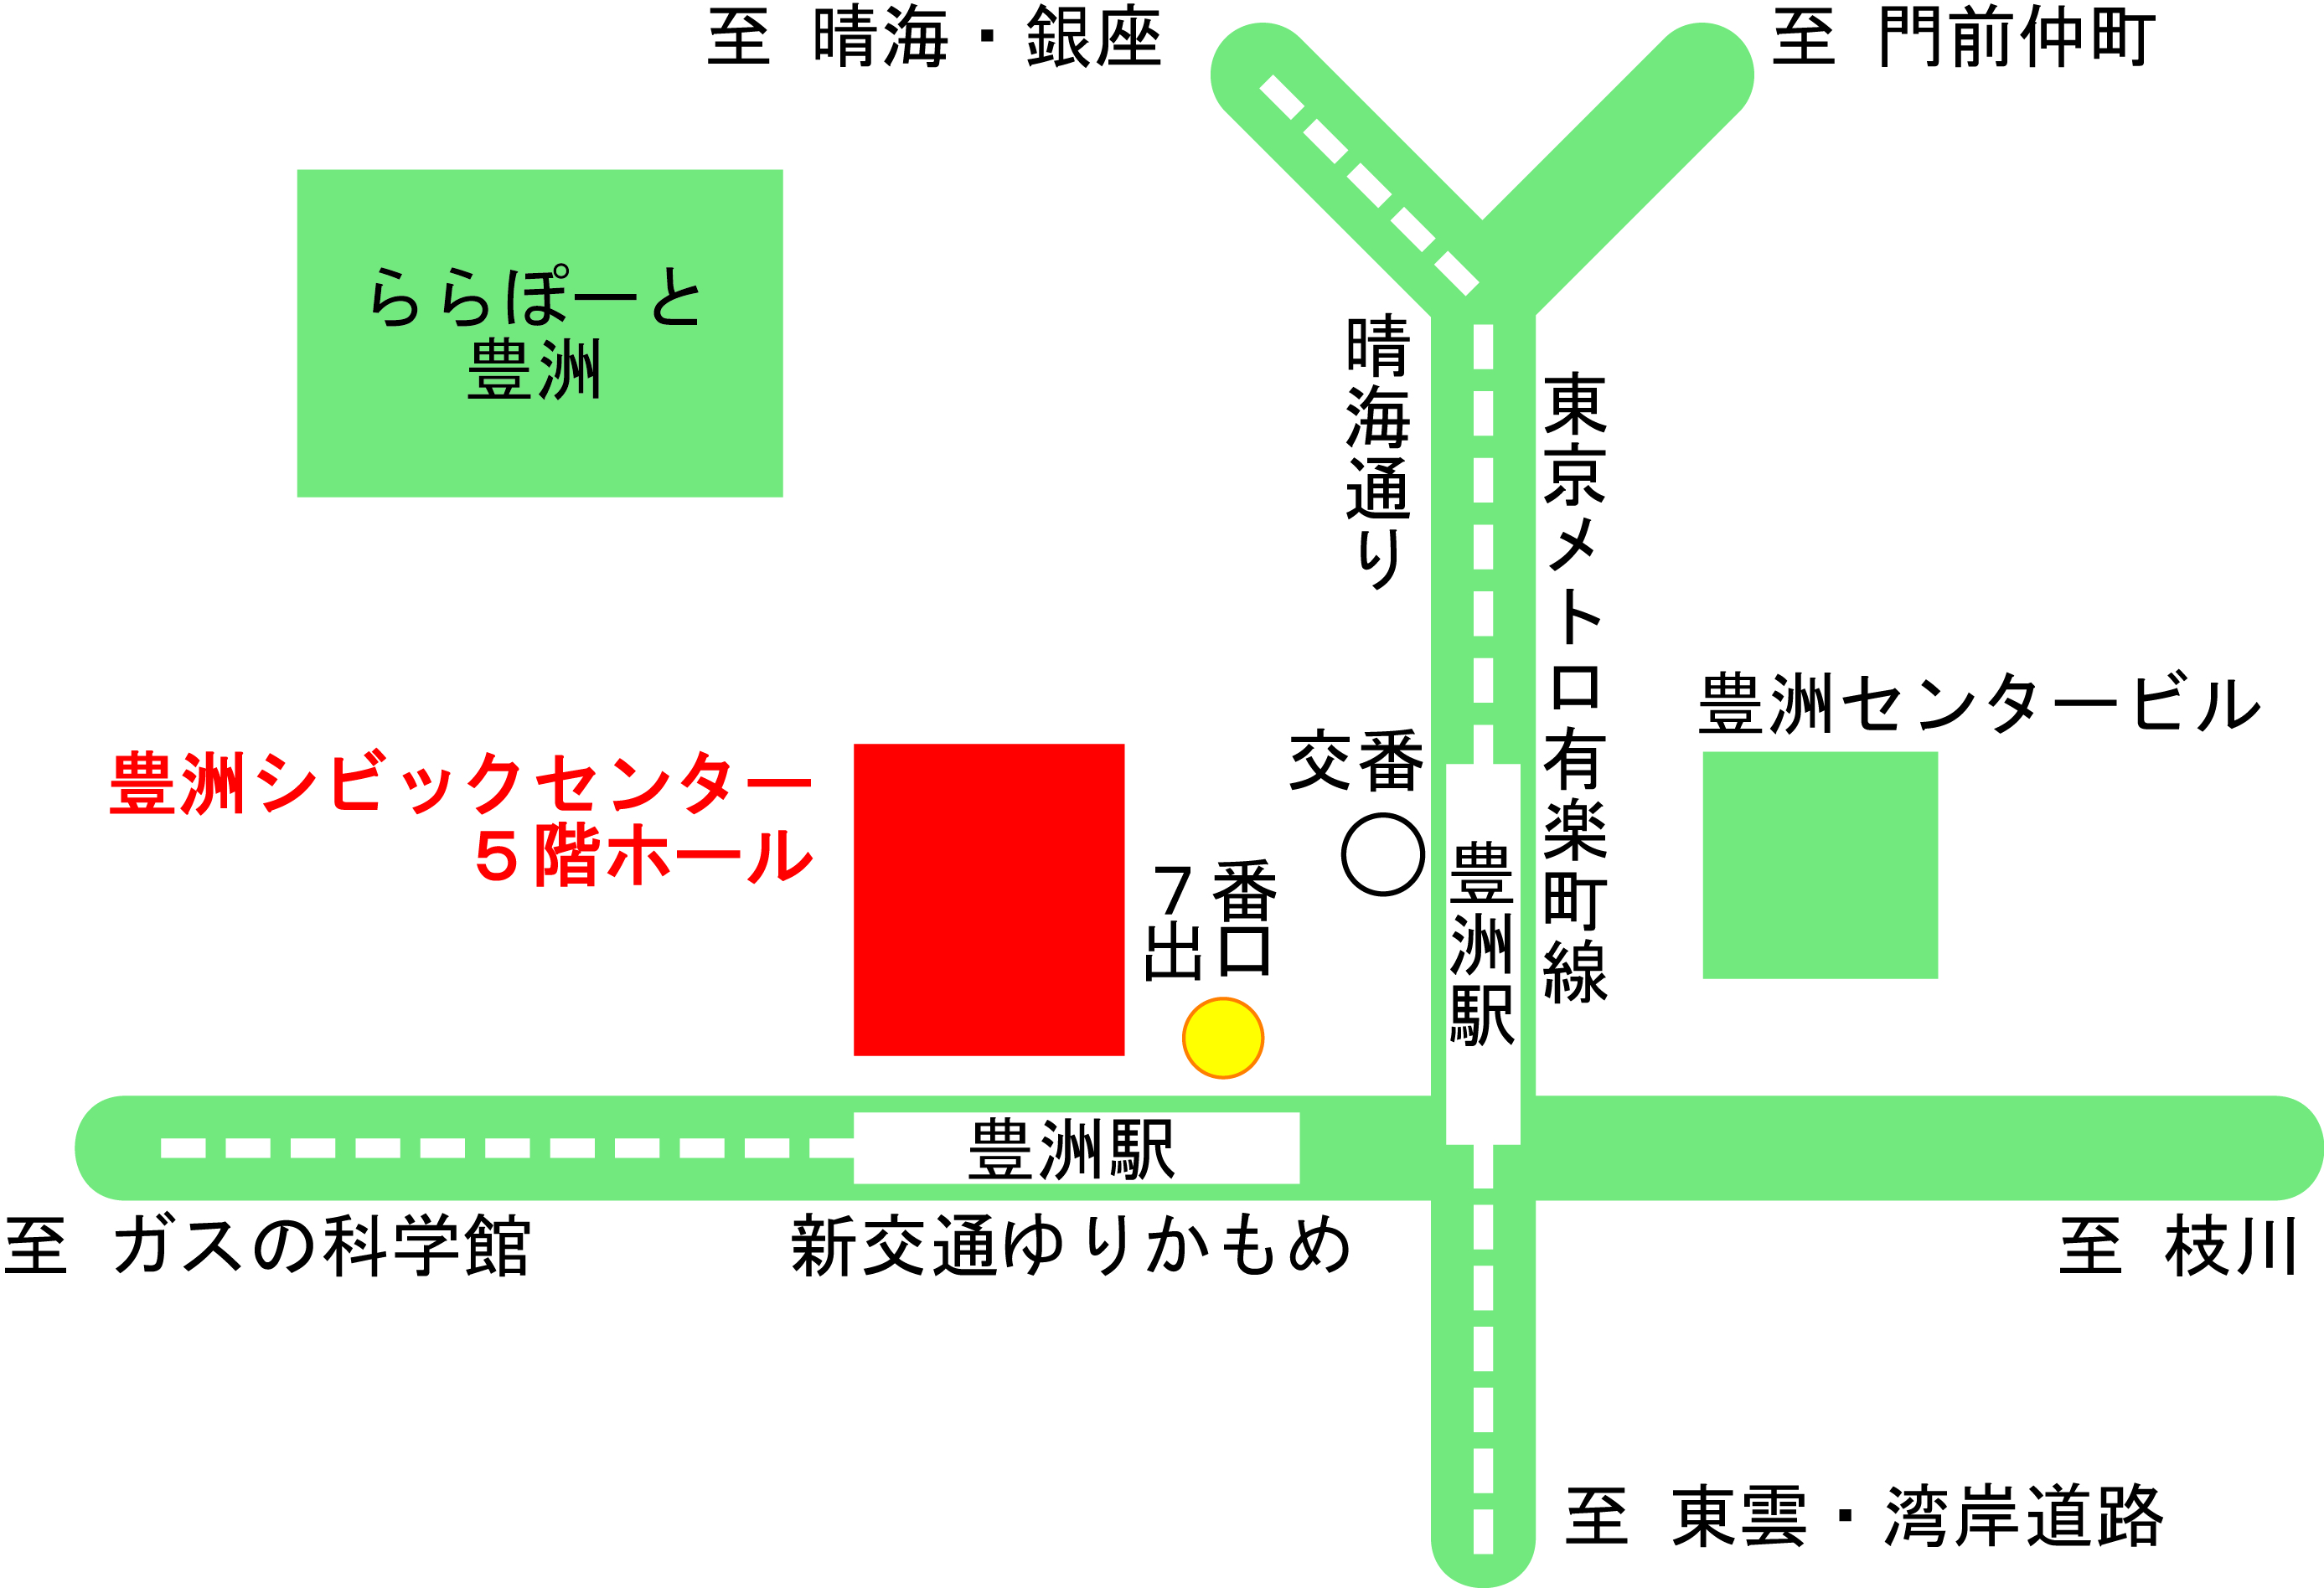 豊洲シビックセンターホール地図